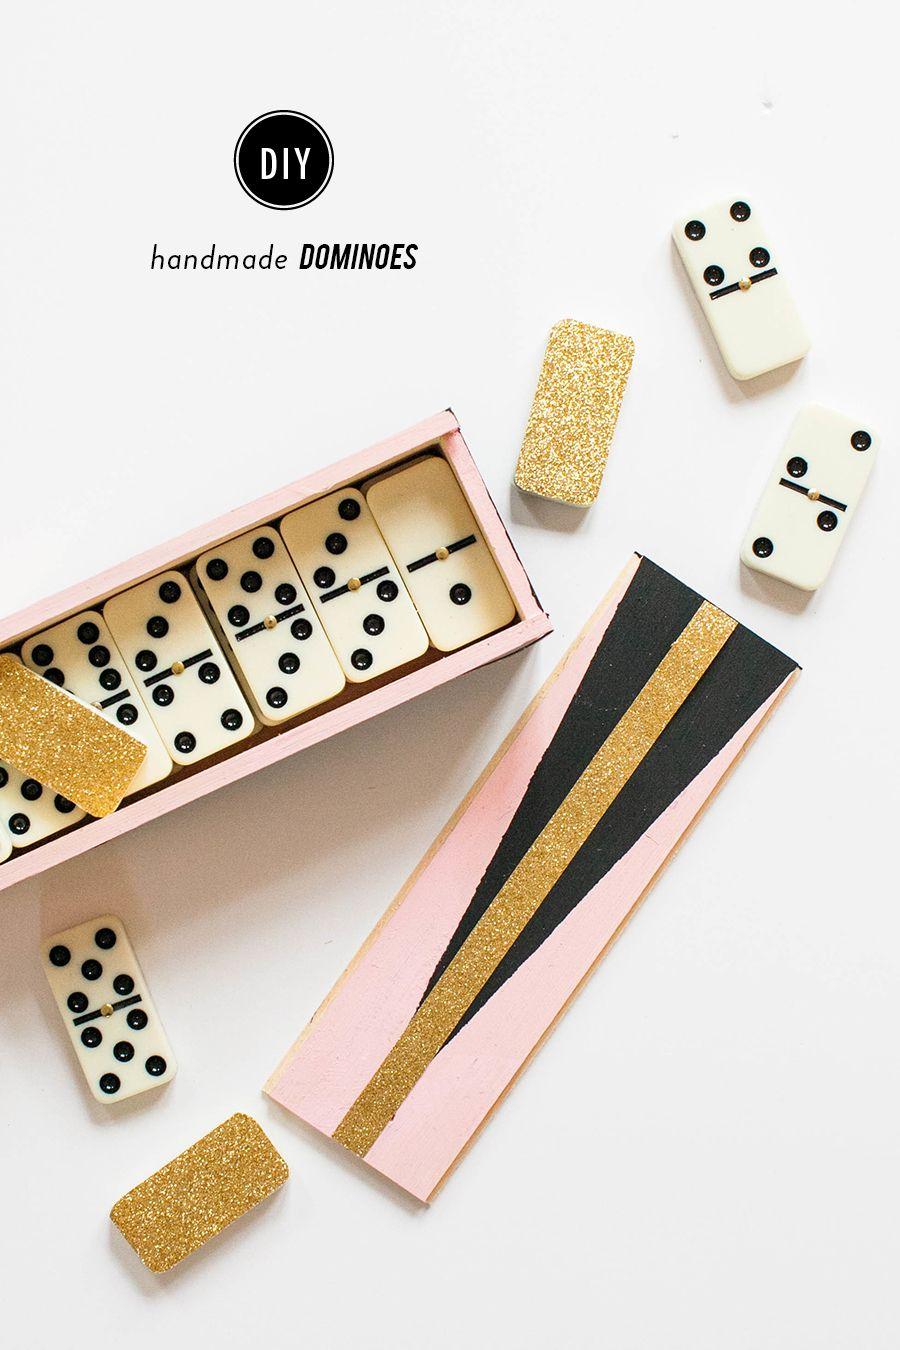 DIY - Handmade Dominoes